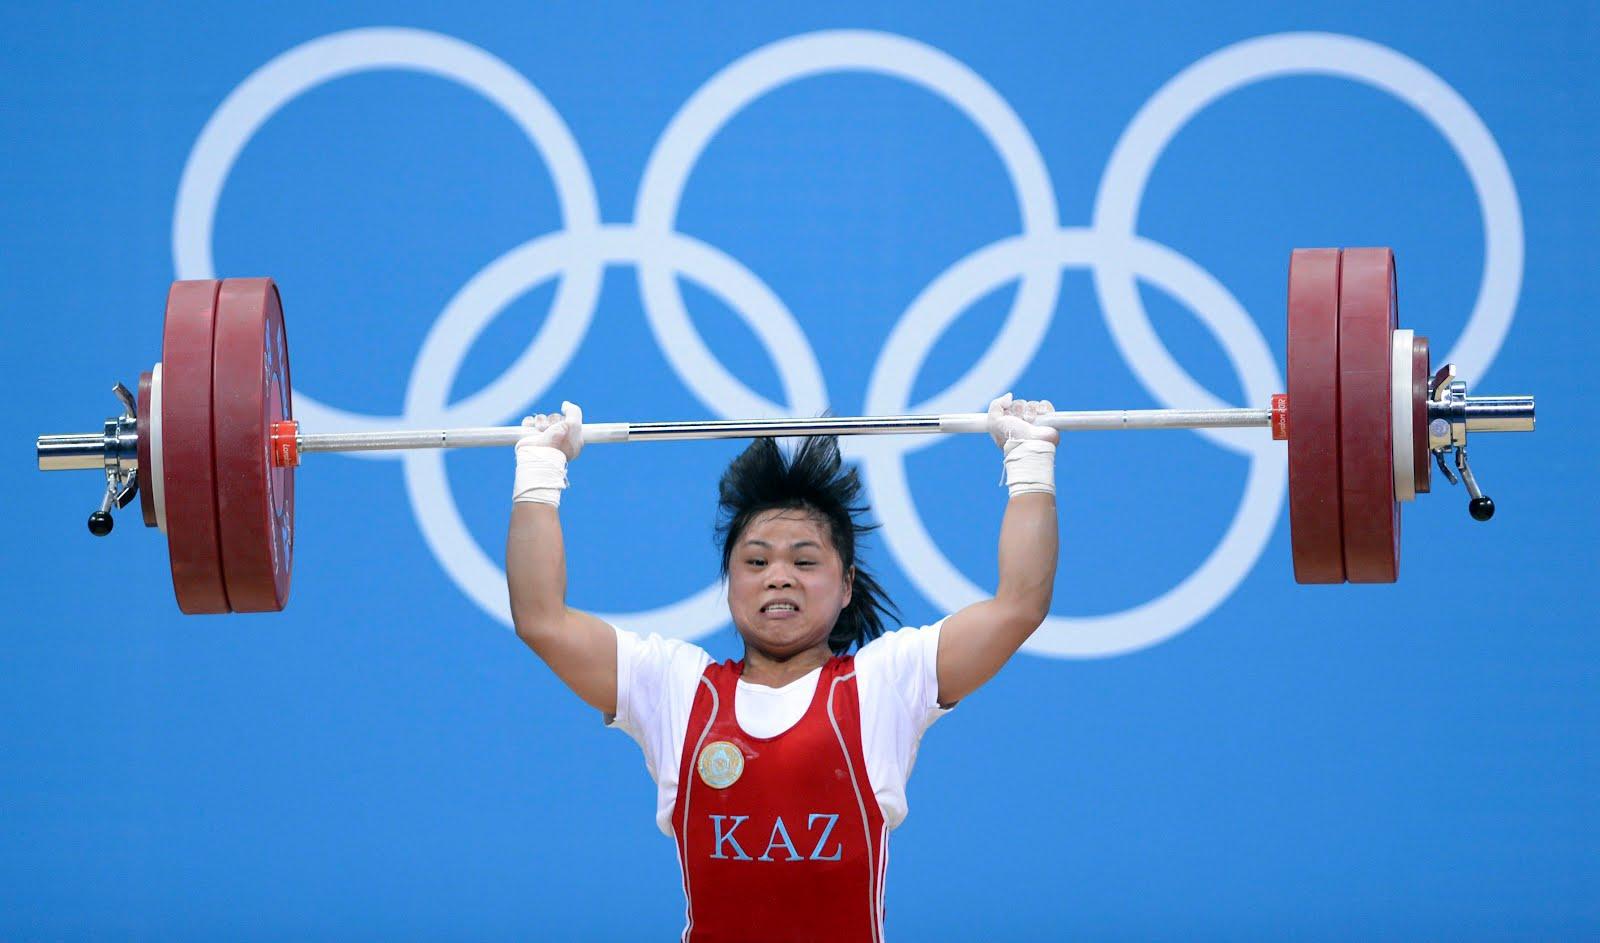 Играючи Чиншанло устанавливает новый мировой рекорд в толчке